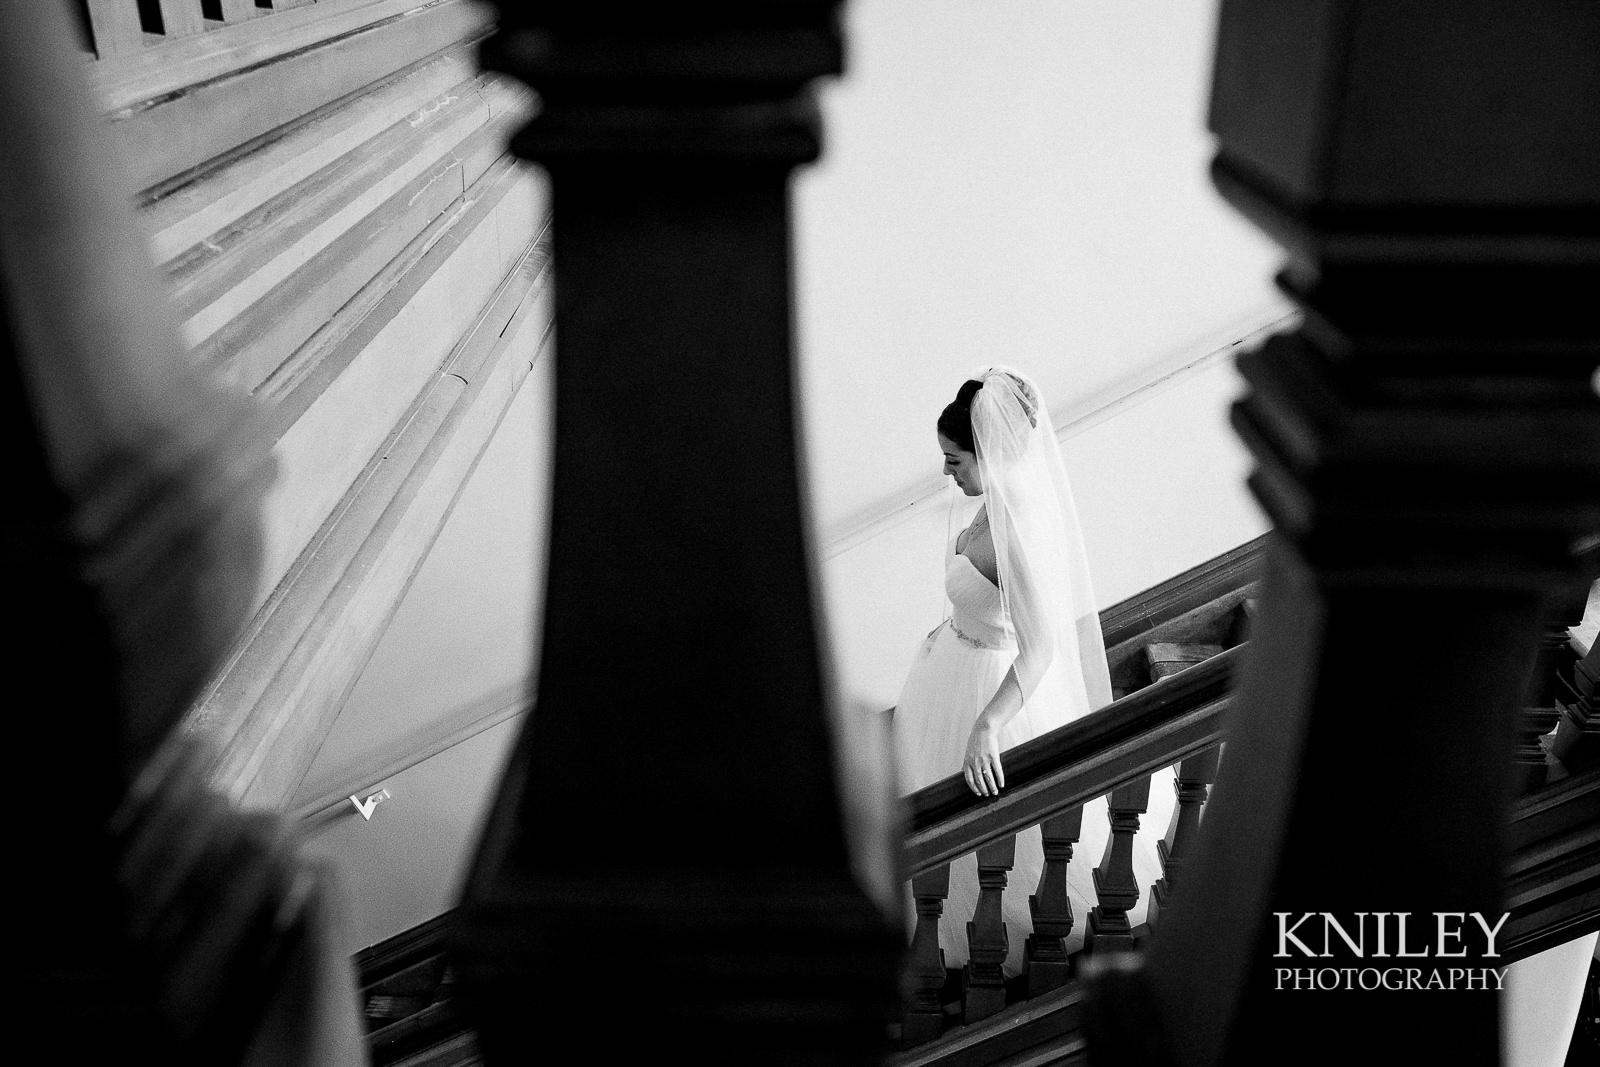 021 - Hotel Henry Buffalo NY Wedding Pictures -XT2B8122.jpg